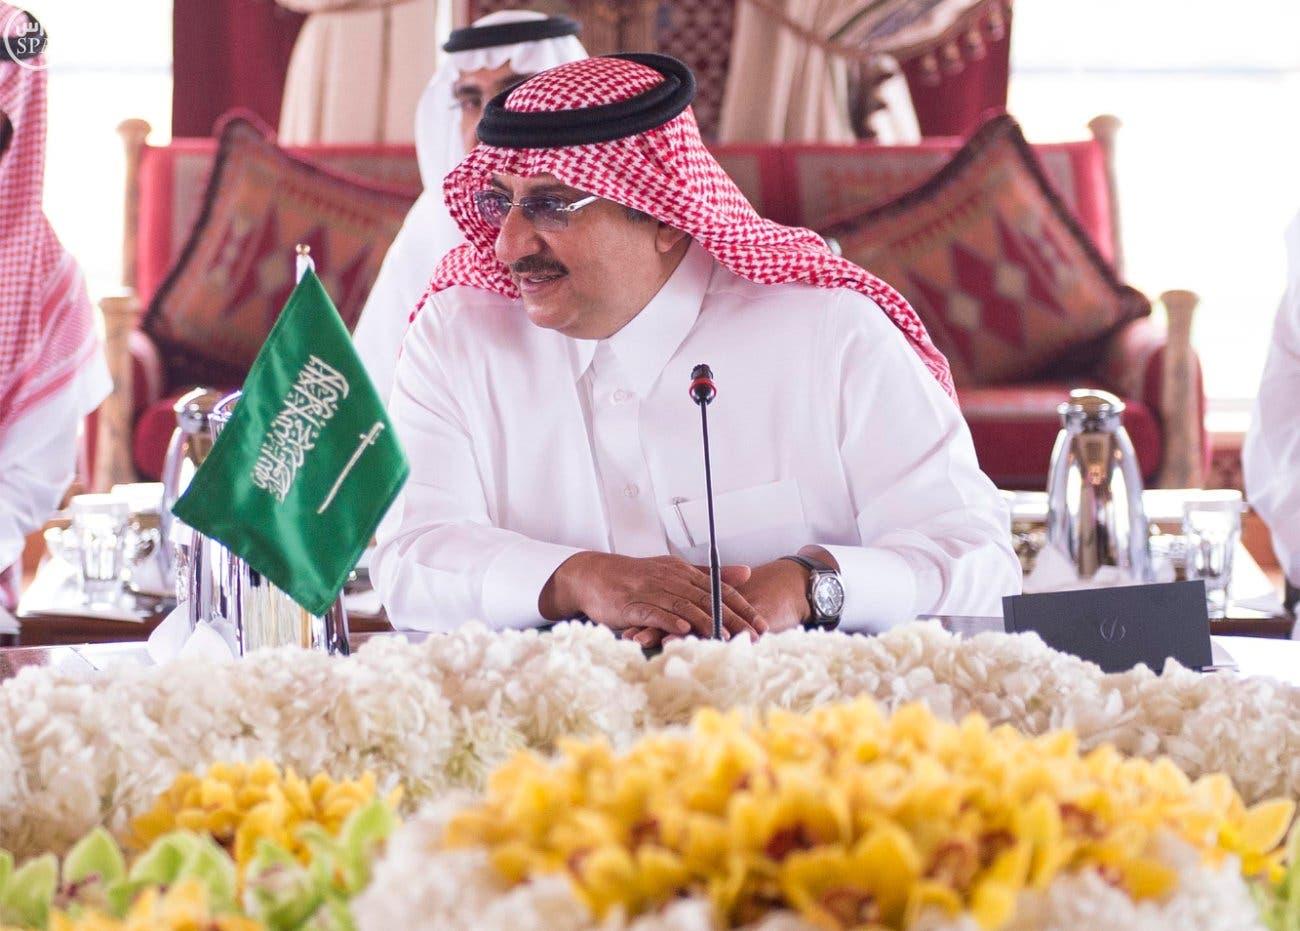 دعوة خليجية إلى سرعة انعقاد الحوار اليمني في الرياض 640dcd52-6670-4353-b30f-85da66678d1d